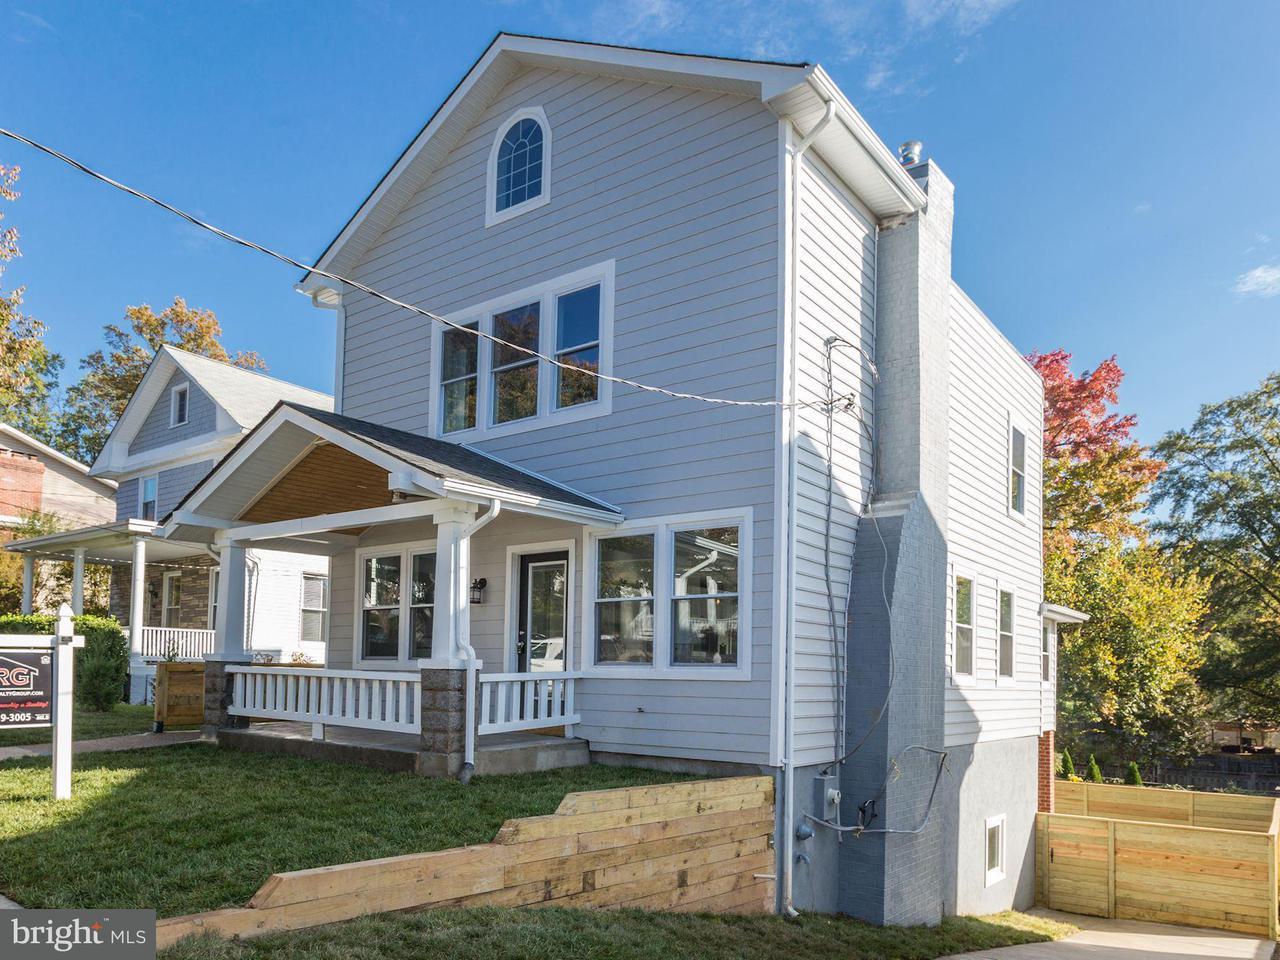 Μονοκατοικία για την Πώληση στο 3005 26TH ST NE 3005 26TH ST NE Washington, Περιφερεια Τησ Κολουμπια 20018 Ηνωμενεσ Πολιτειεσ